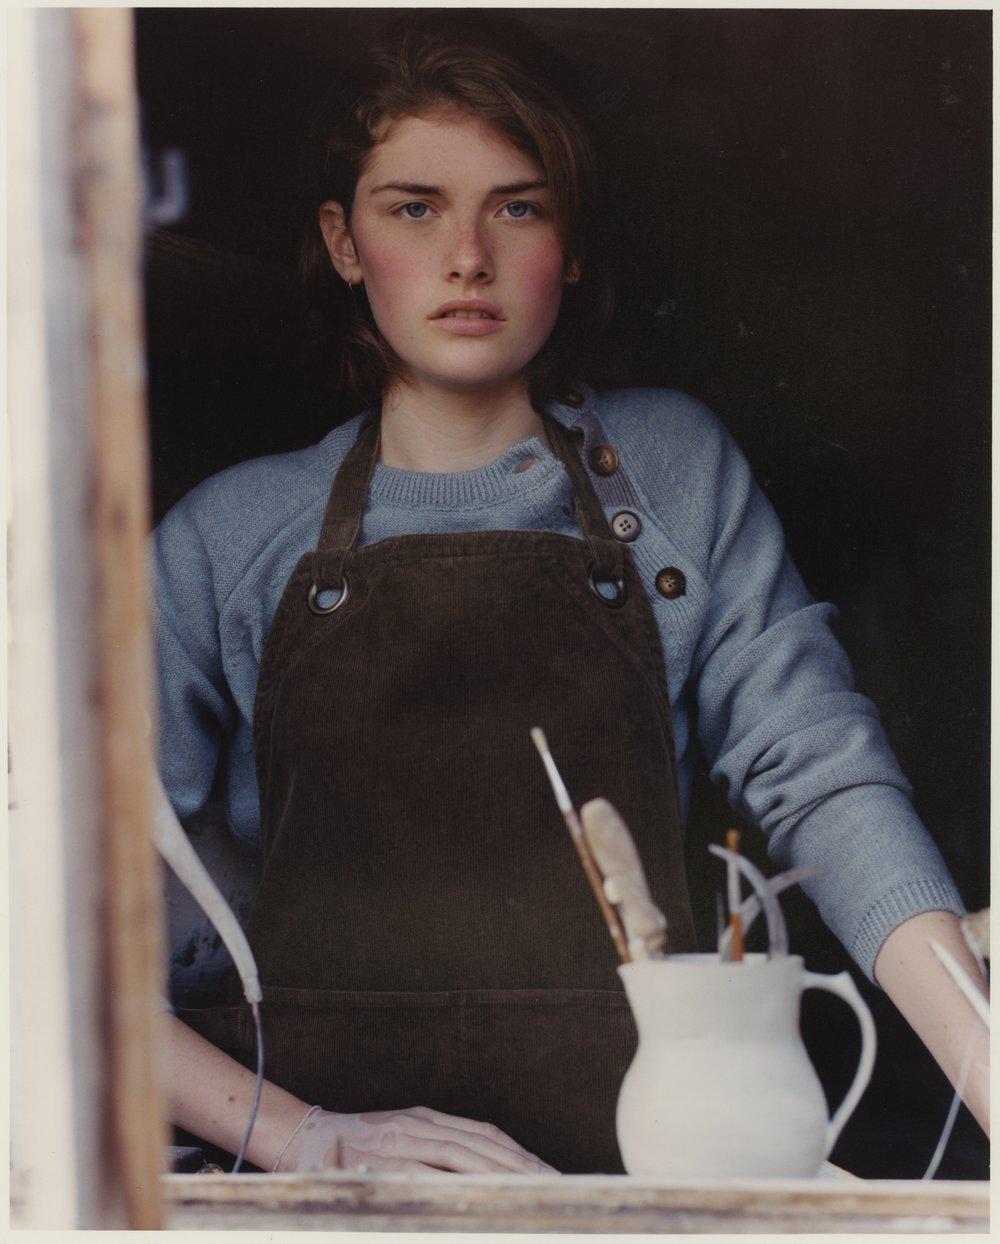 Toast A/W 2003